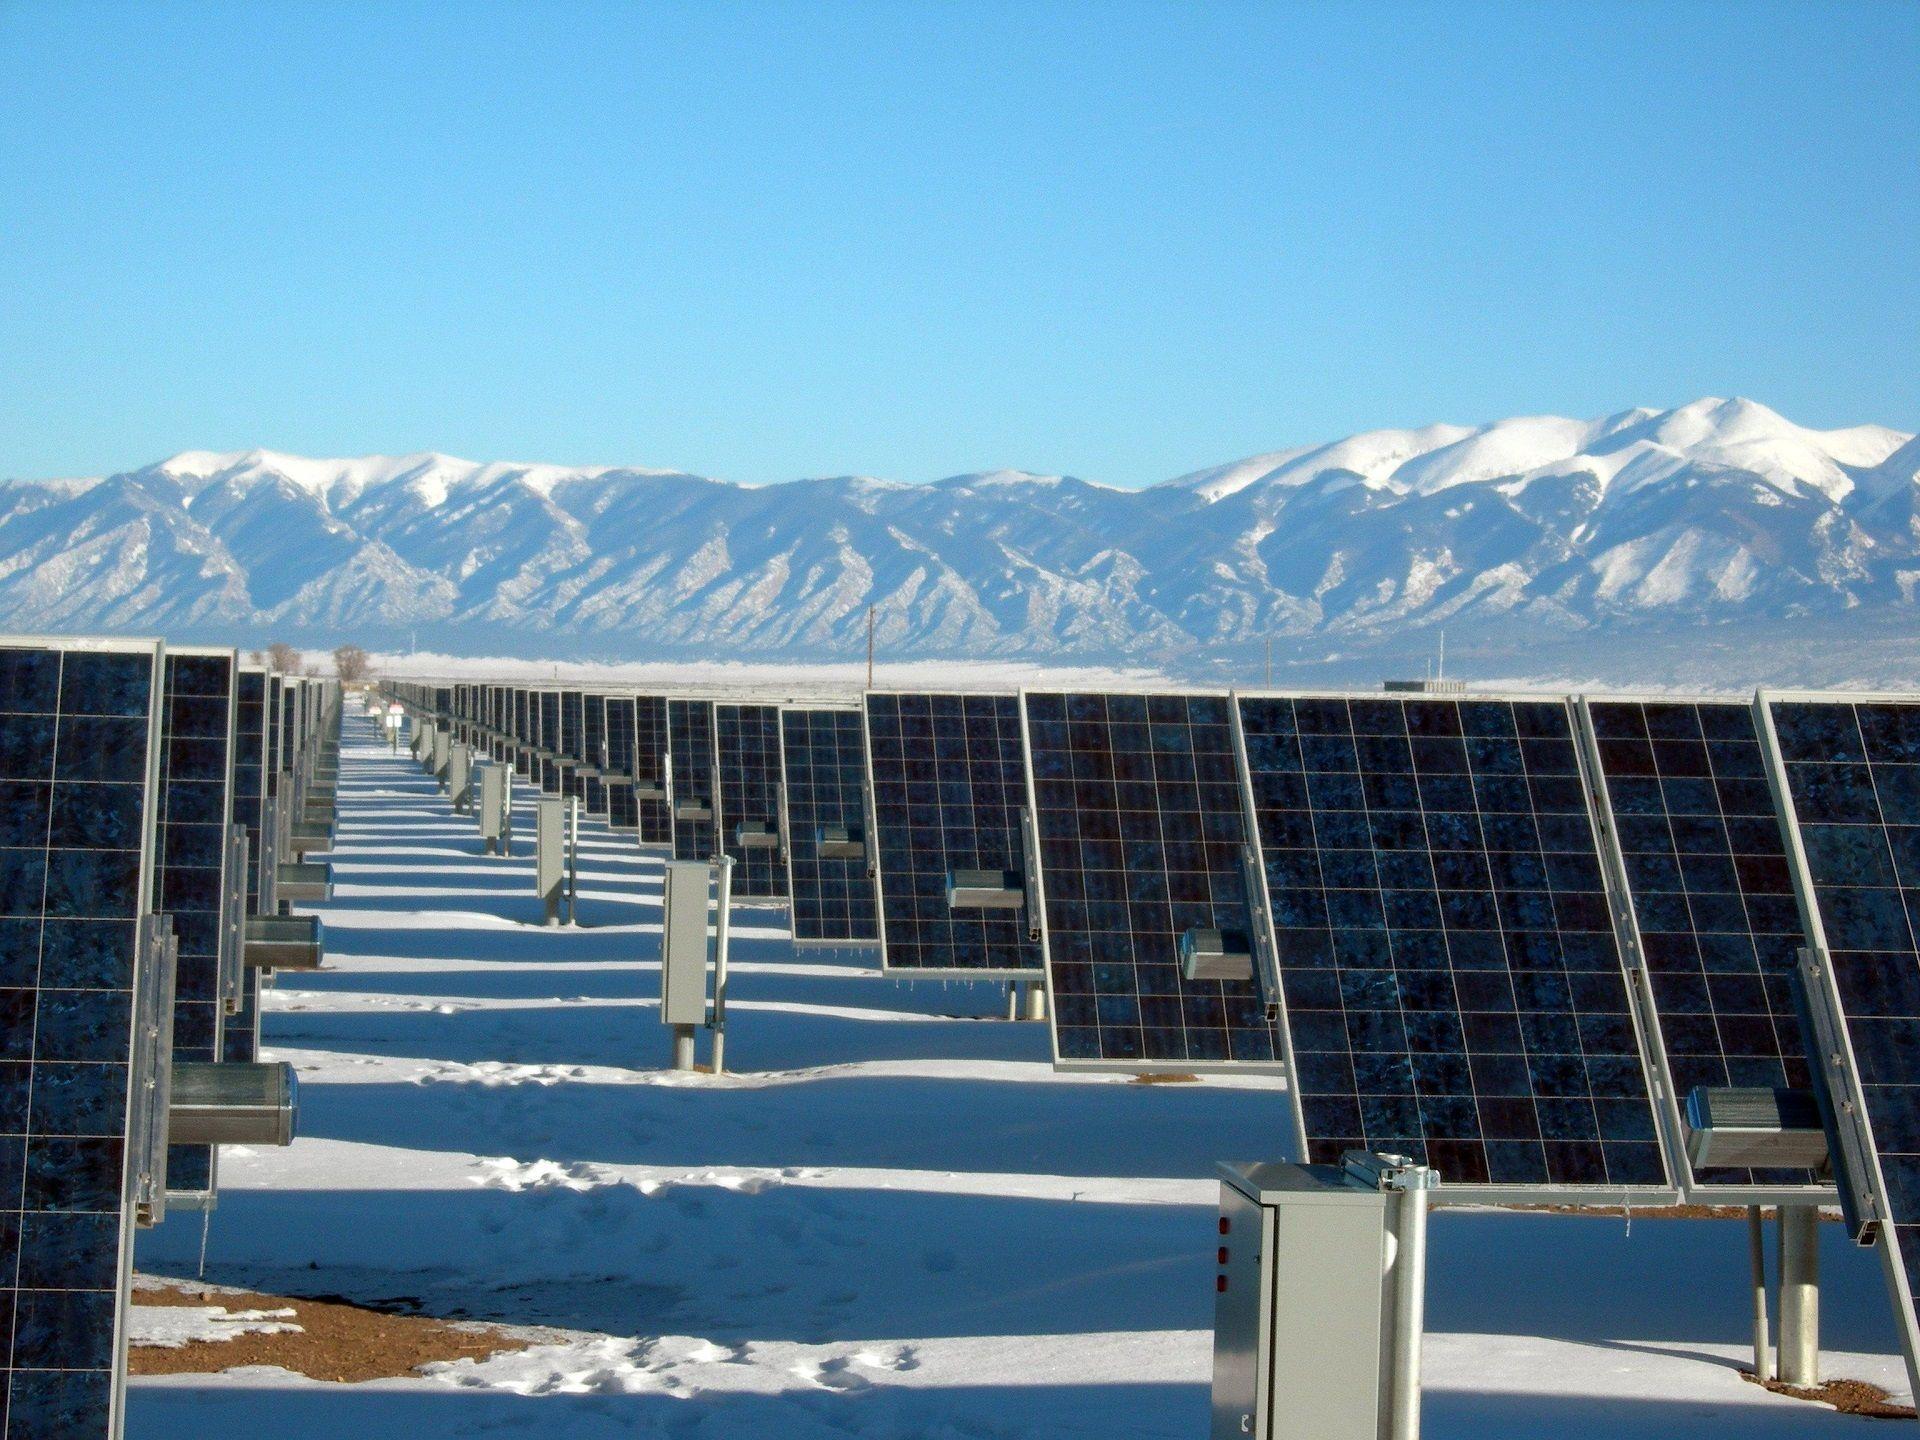 Spark, un sistema exclusivo para limpieza y lavado de paneles solares